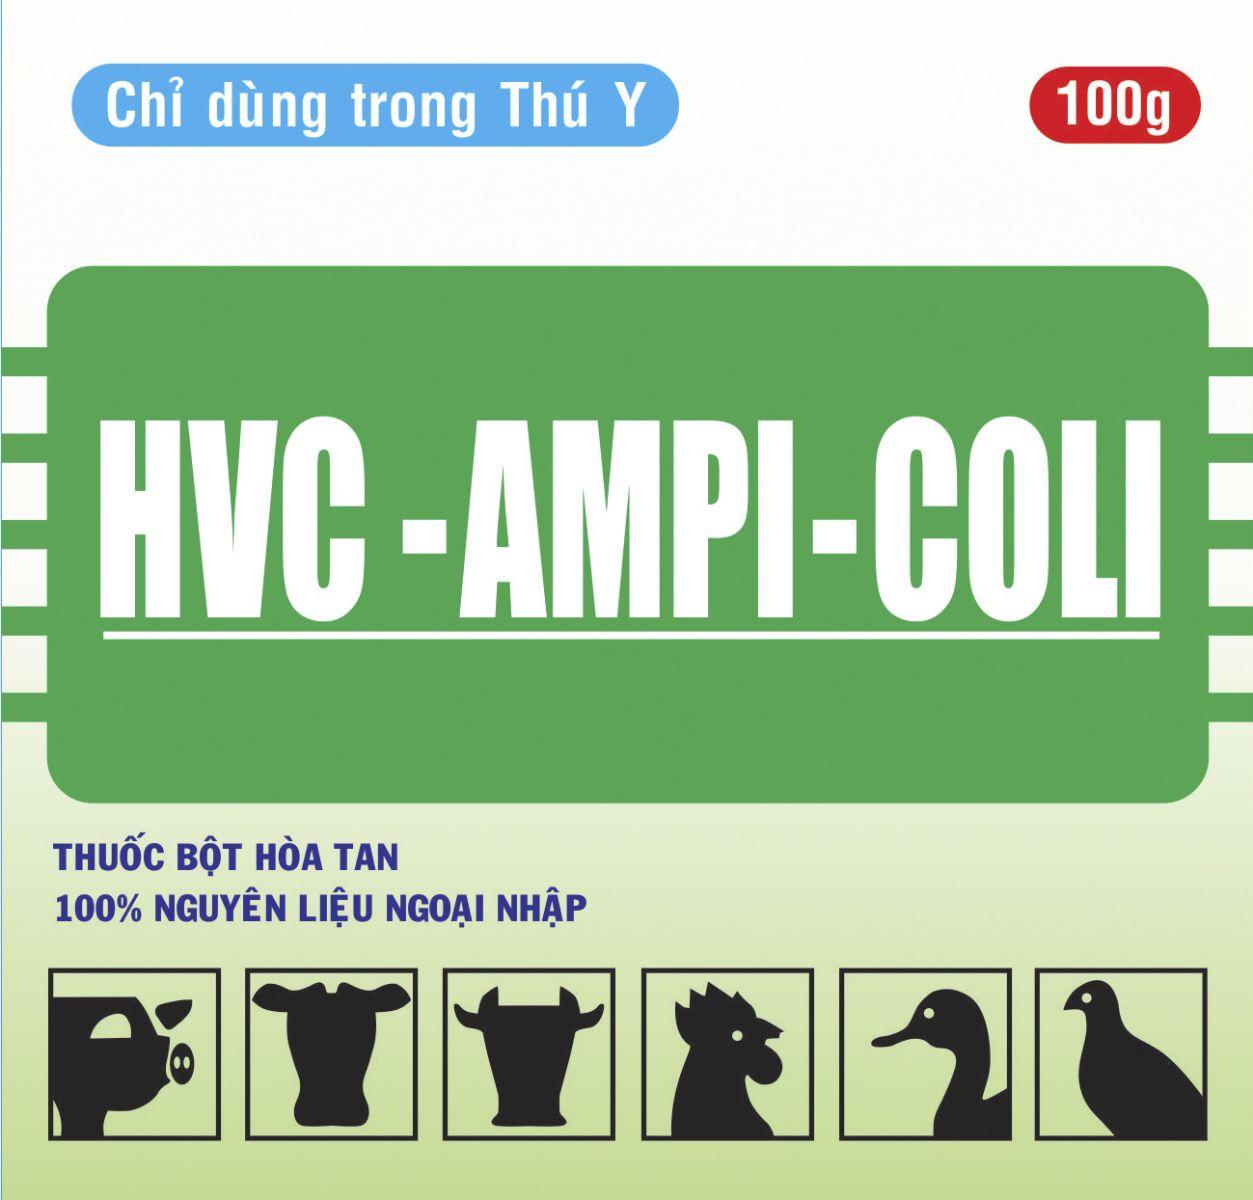 Thuốc thú y HCV - Ampicoli